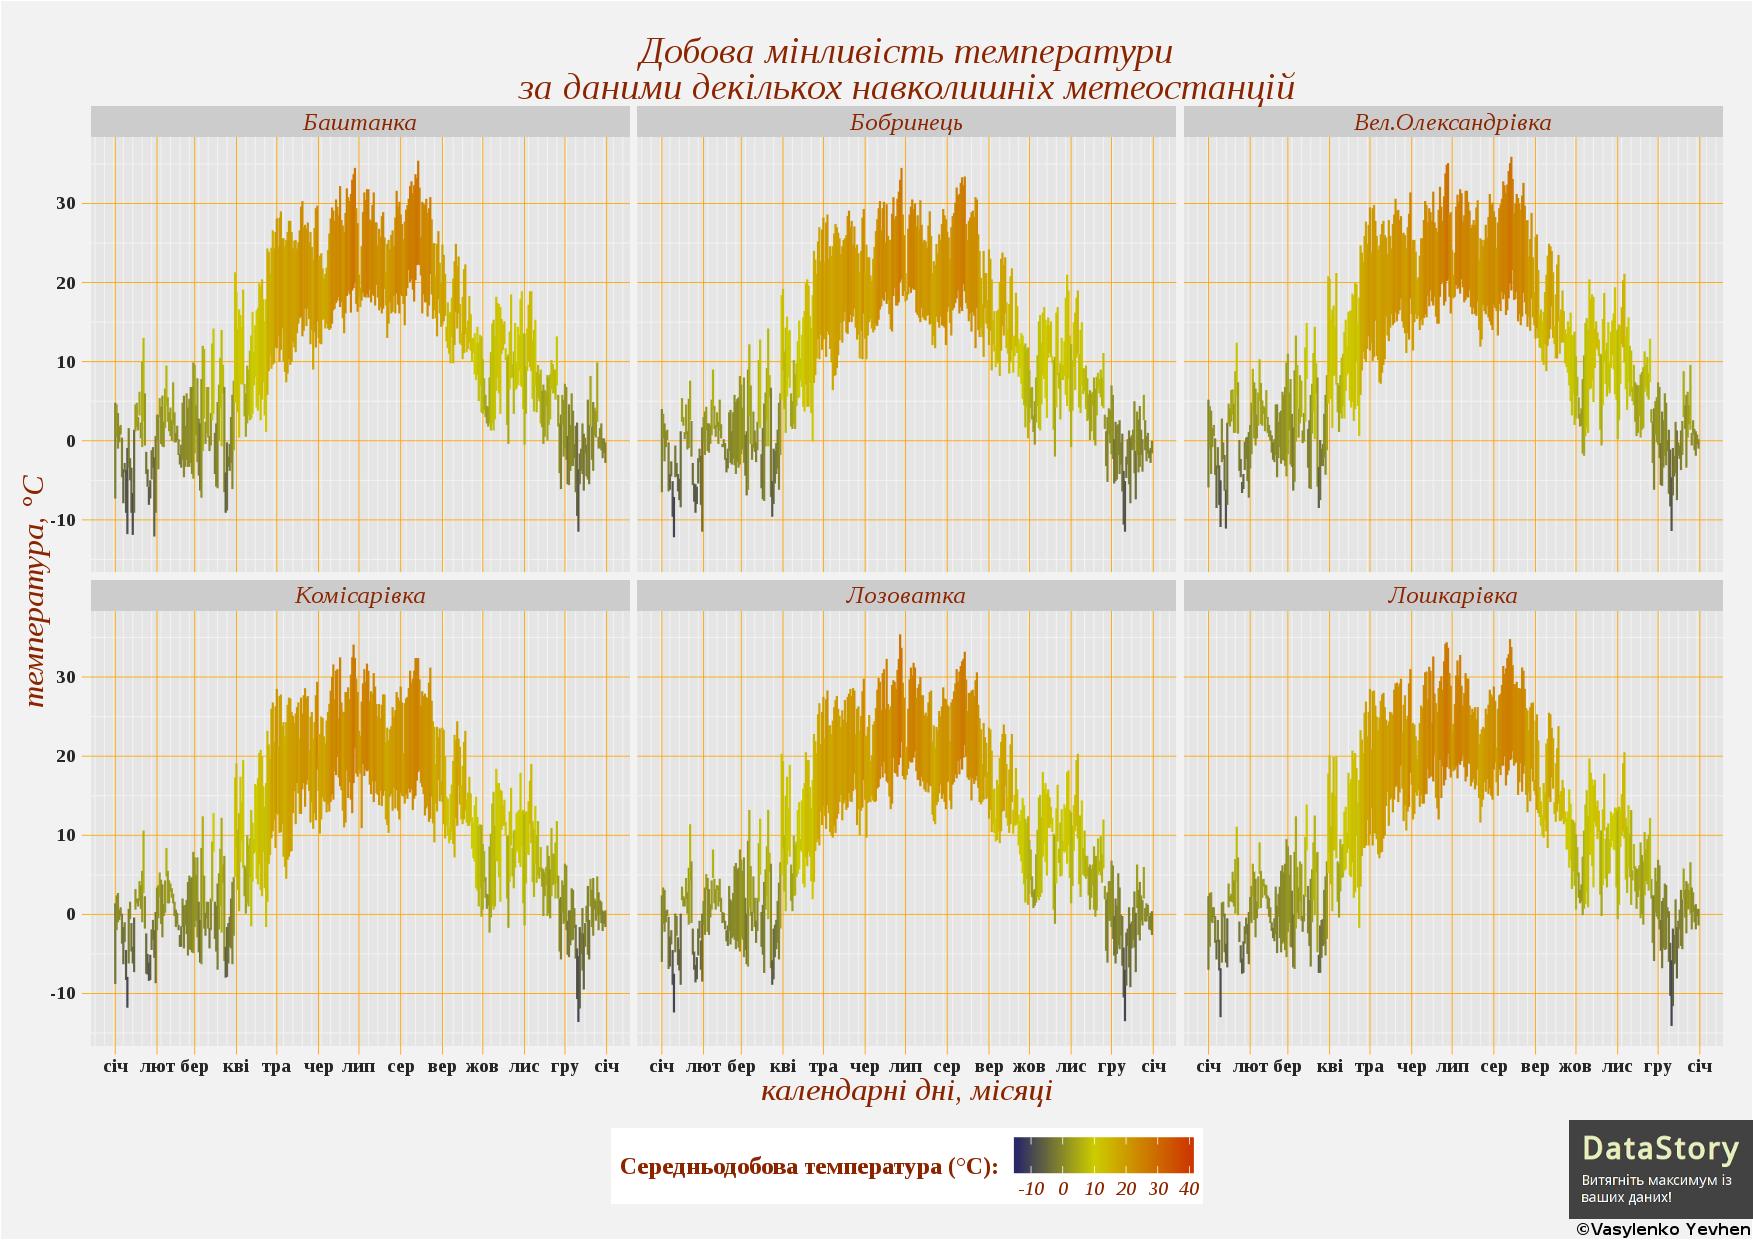 Діаграма добової мінливості температури на різних метеостанціях в декартовій системі координат